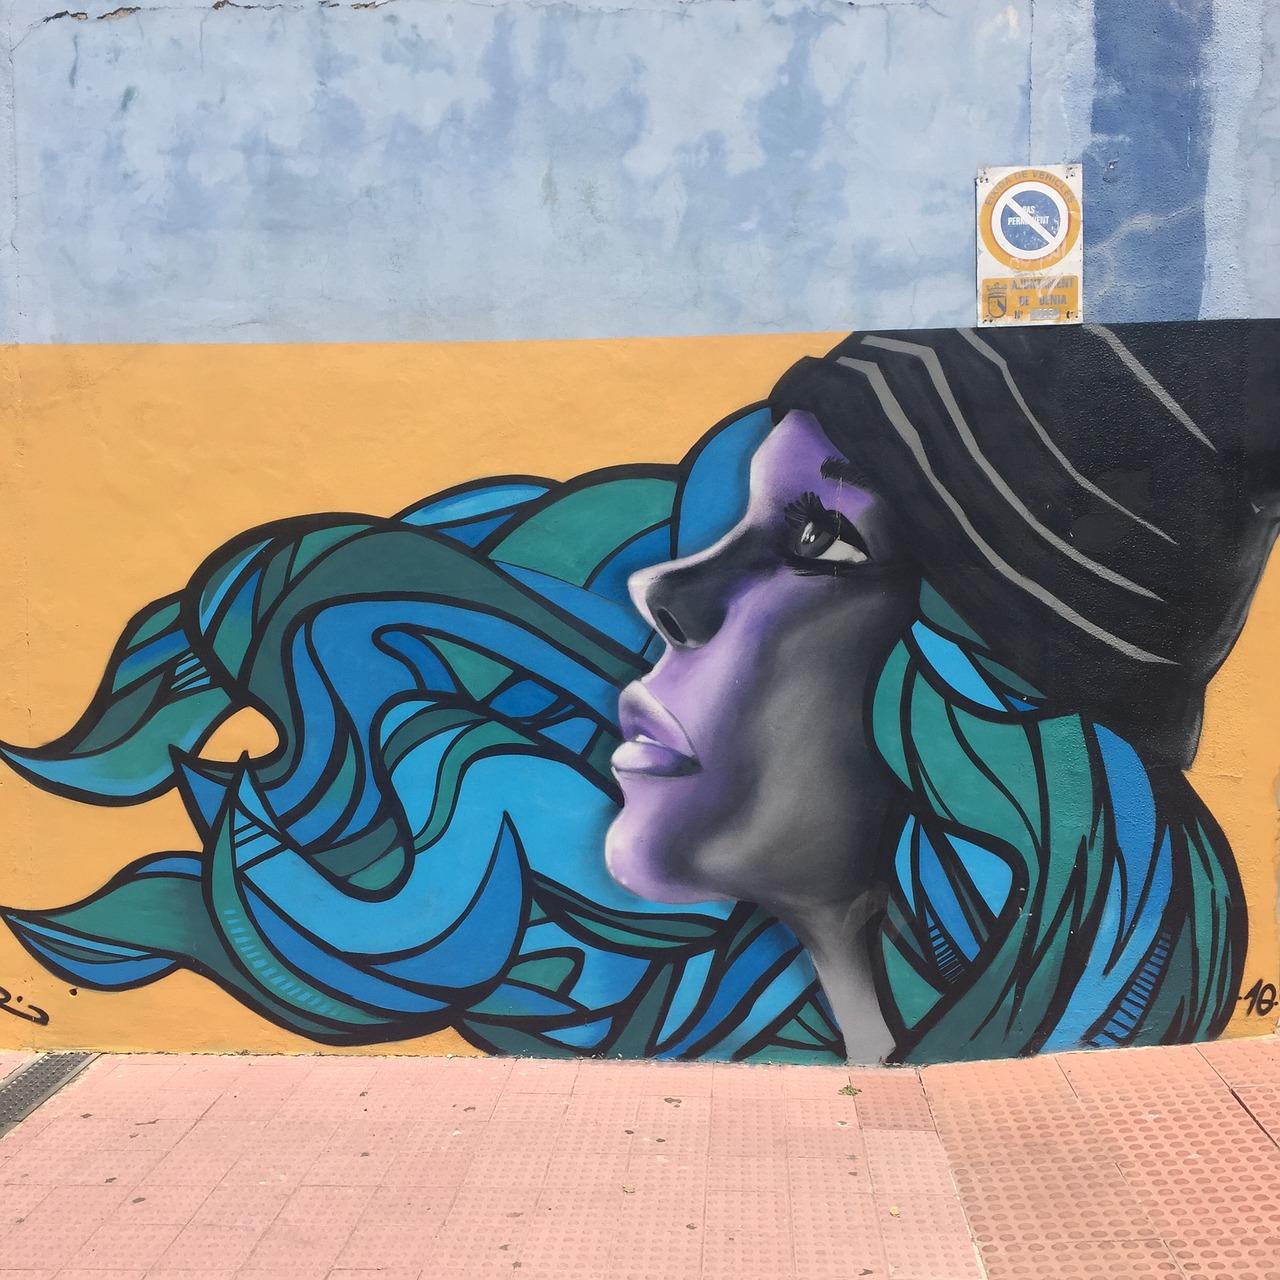 graffiti-2684345_1280.jpg